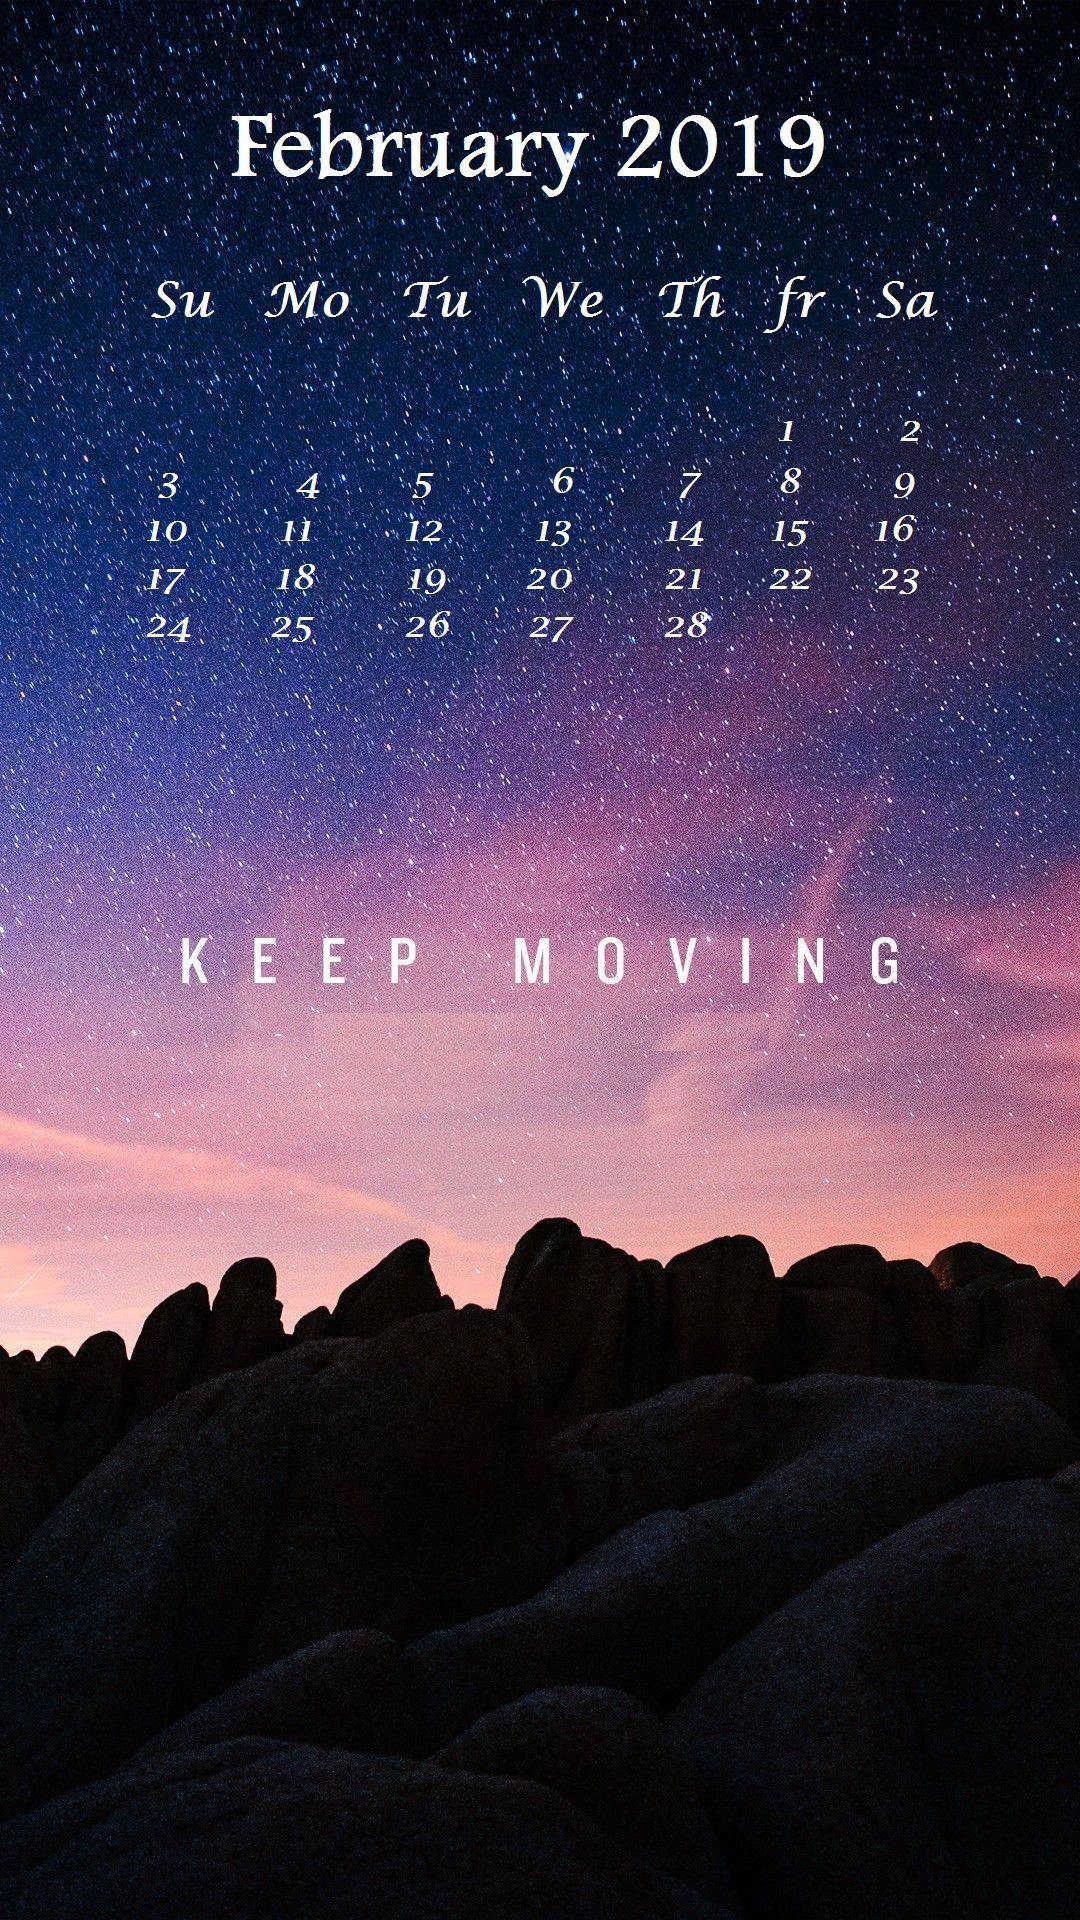 February 2019 iPhone Calendar Wallpaper Calendar